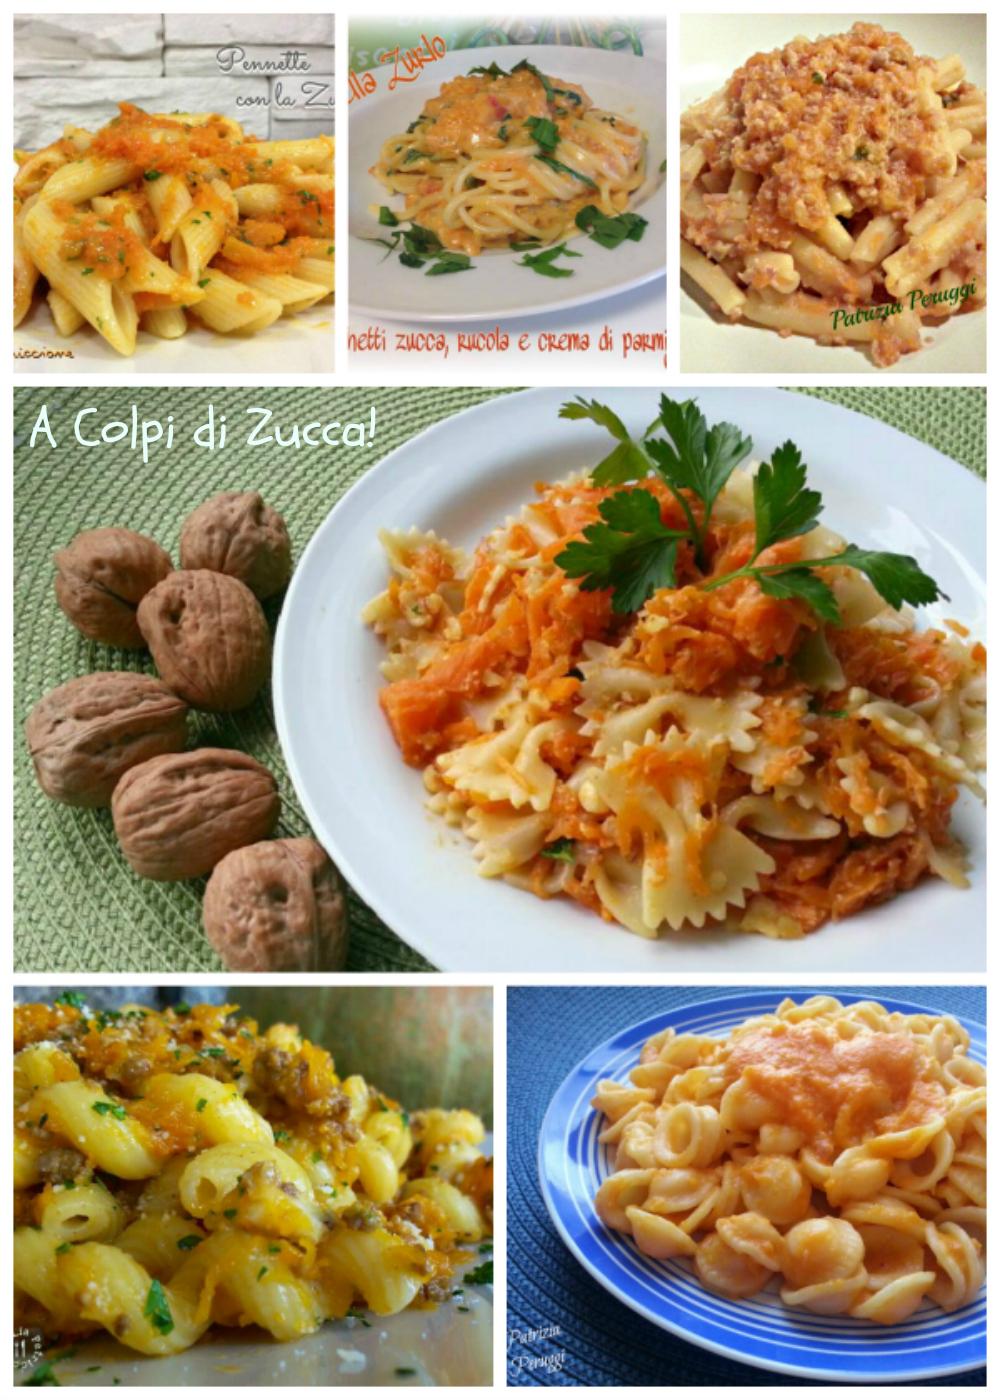 Primi piatti con la zucca a tavola con liaa tavola con lia - Tavola dei fattori primi ...